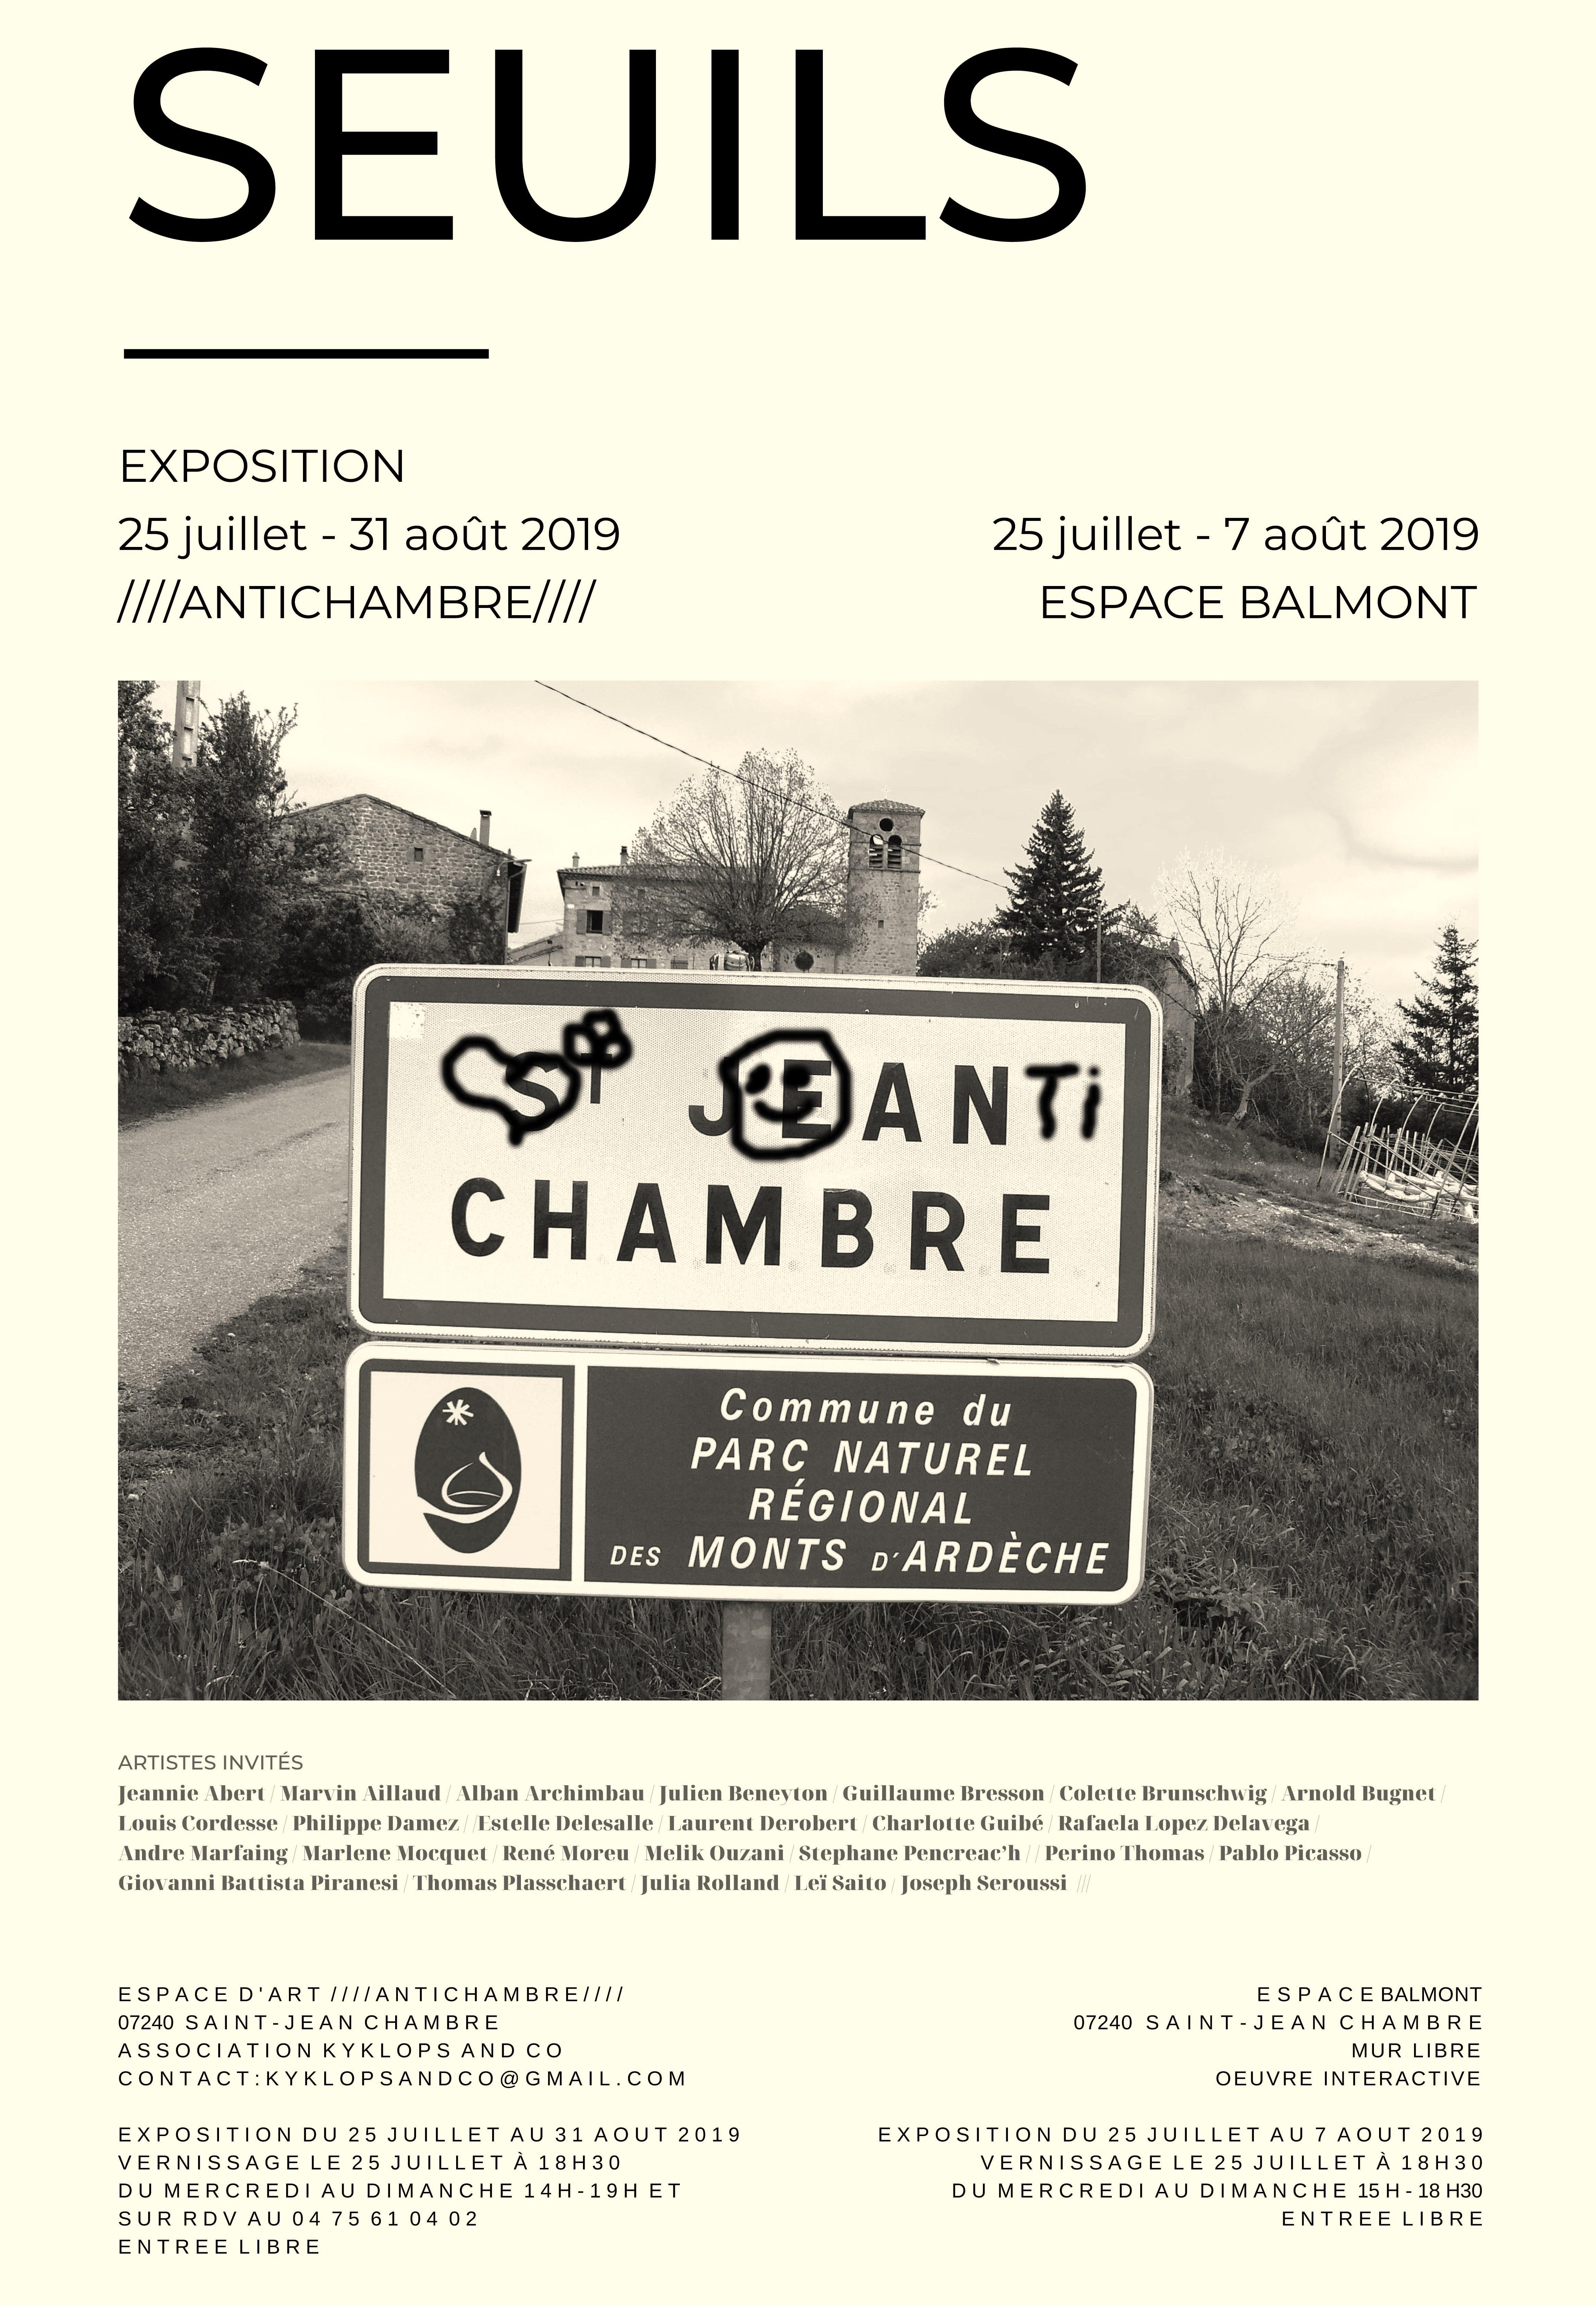 Vernissage de l'exposition Seuils (œuvres d'art contemporain)